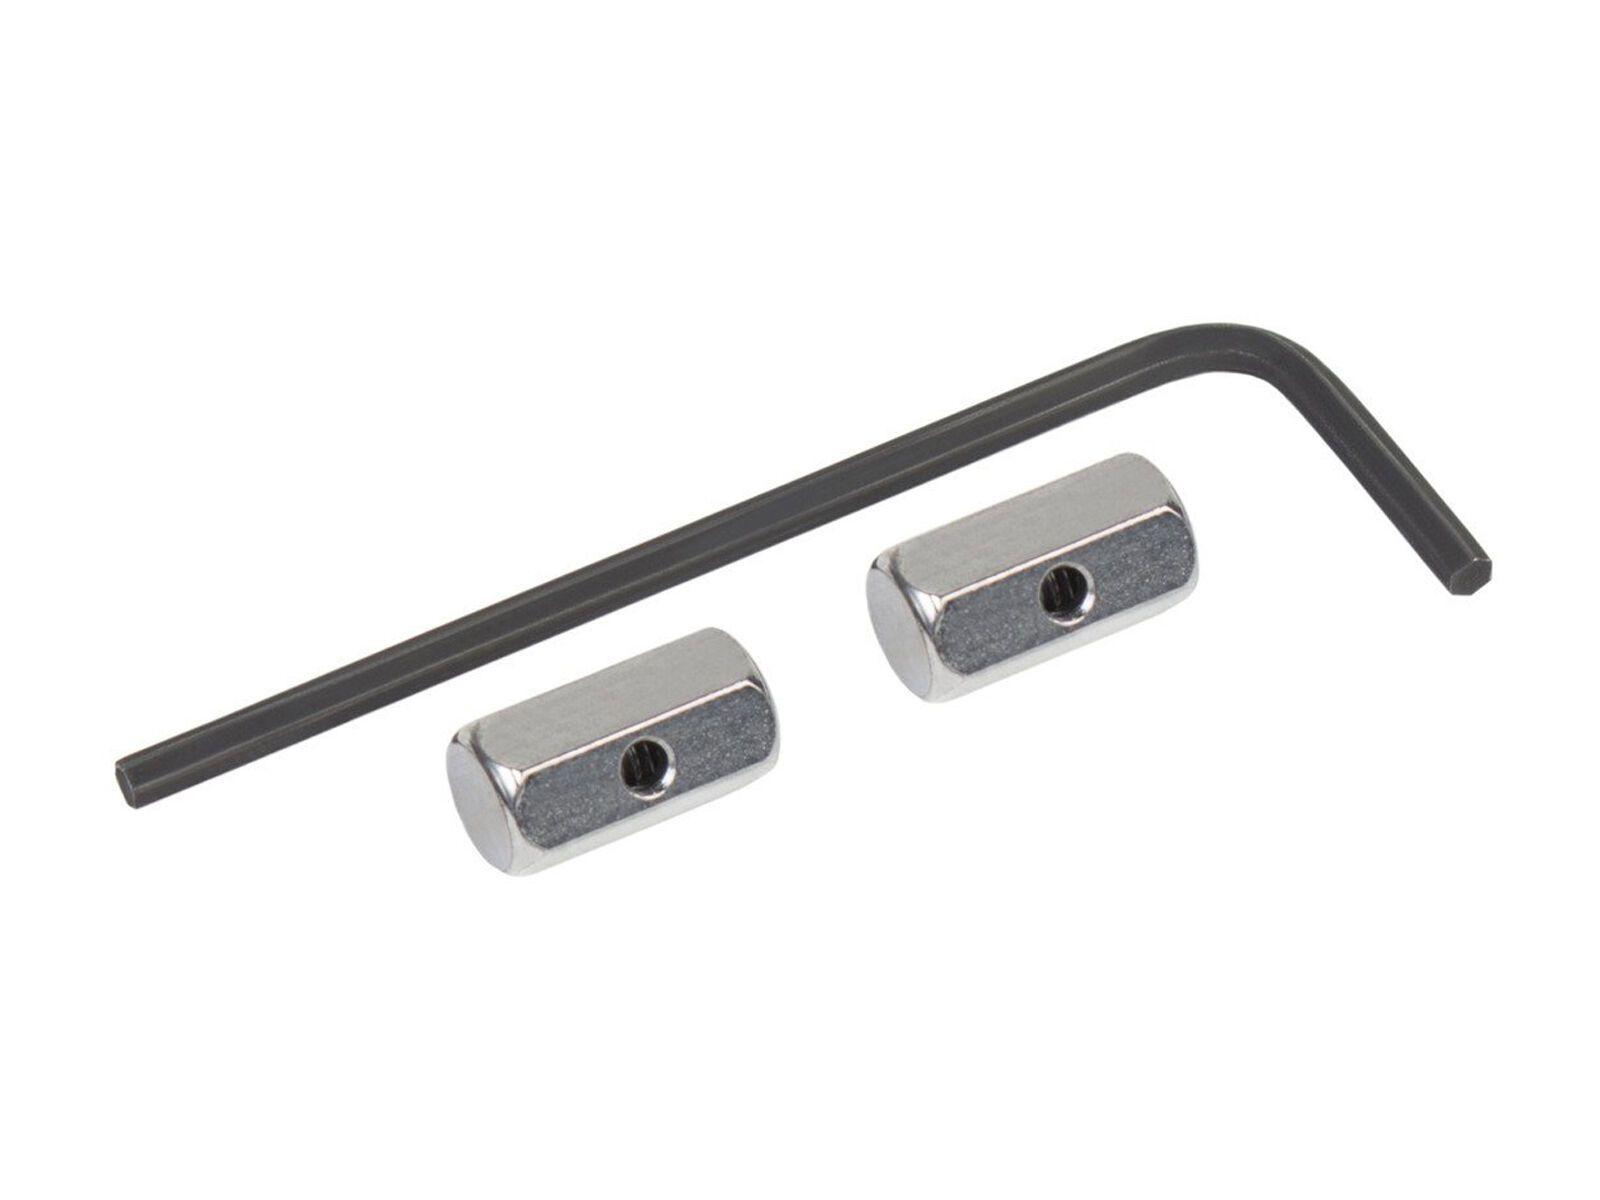 Odyssey Cable Knarps - Klemmschrauben - Zubehör 244800246